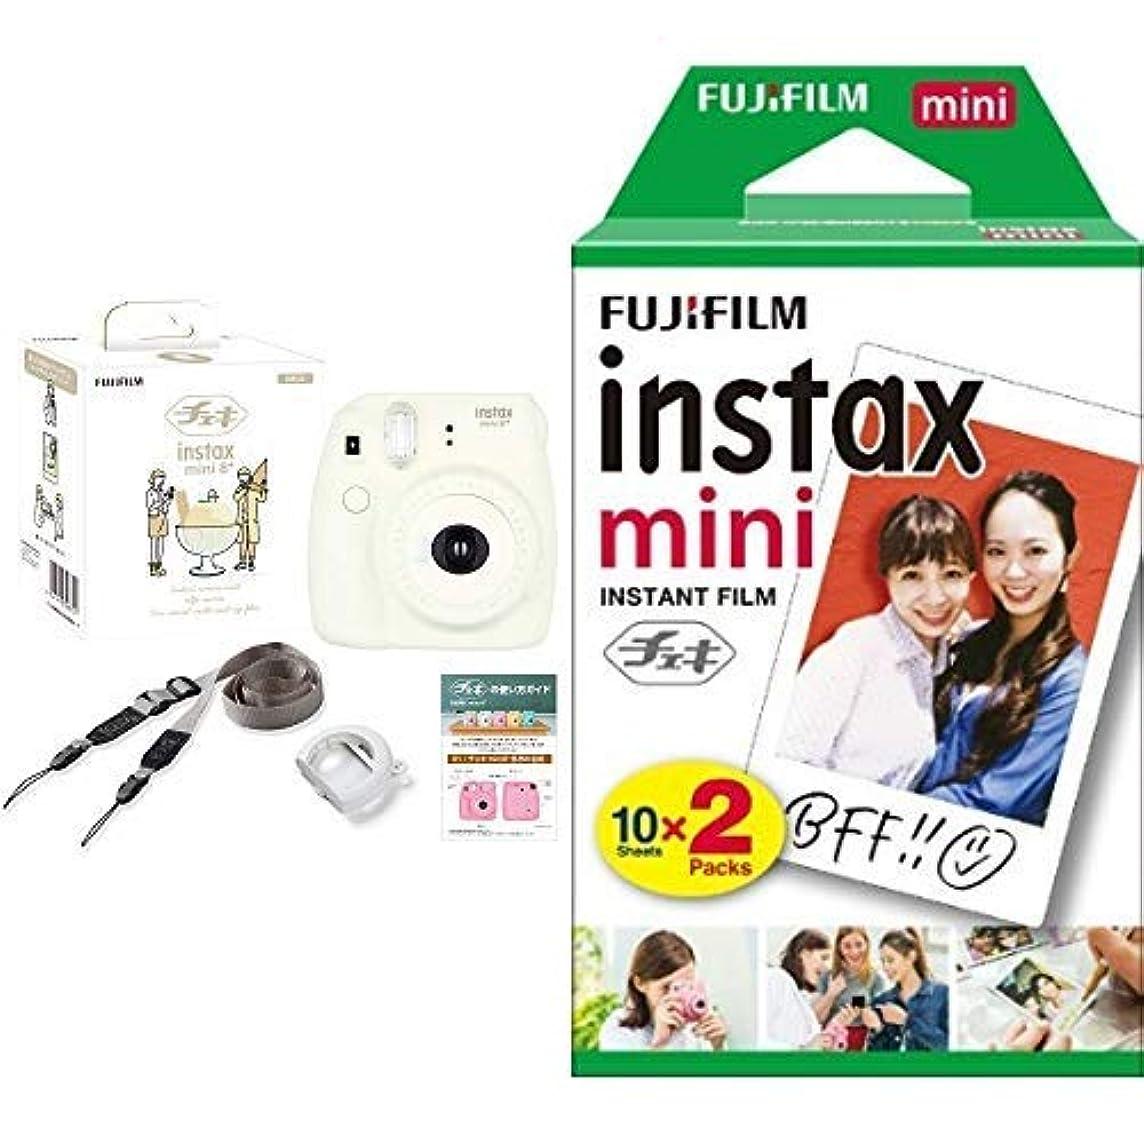 何もないリム比類なきFUJIFILM インスタントカメラ チェキ instax mini8プラス 接写レンズ・純正ショルダーストラップ付き バニラ フィルムセット